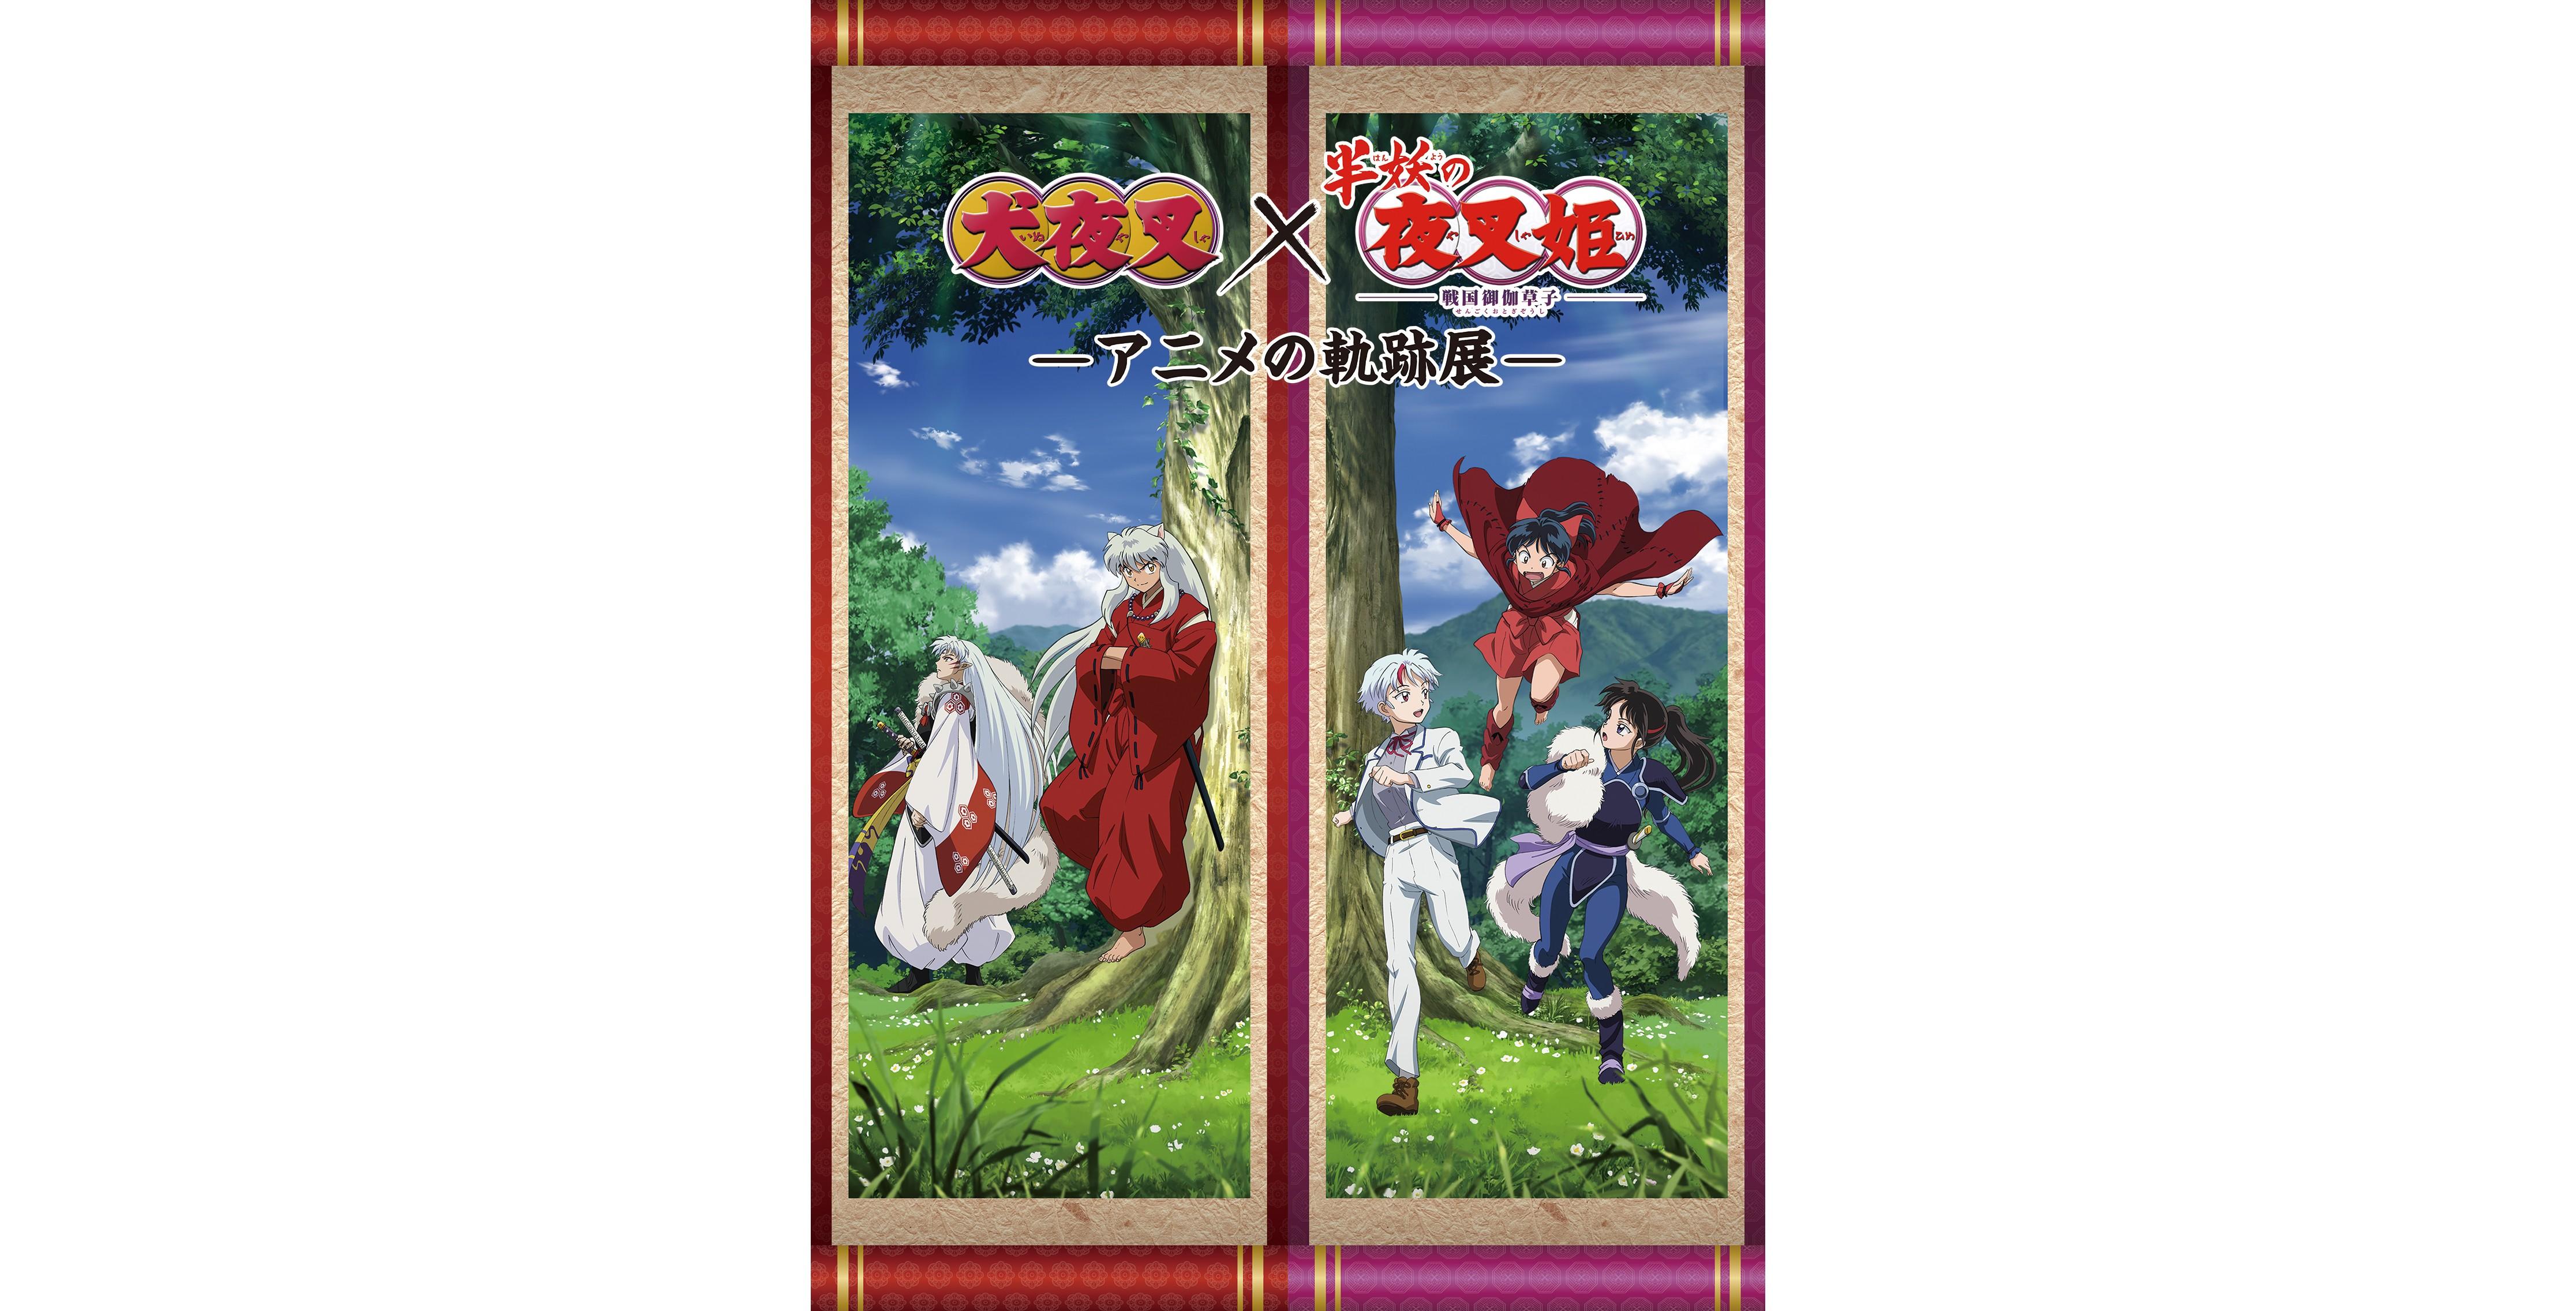 「『犬夜叉』×『半妖の夜叉姫』-アニメの軌跡展-」1